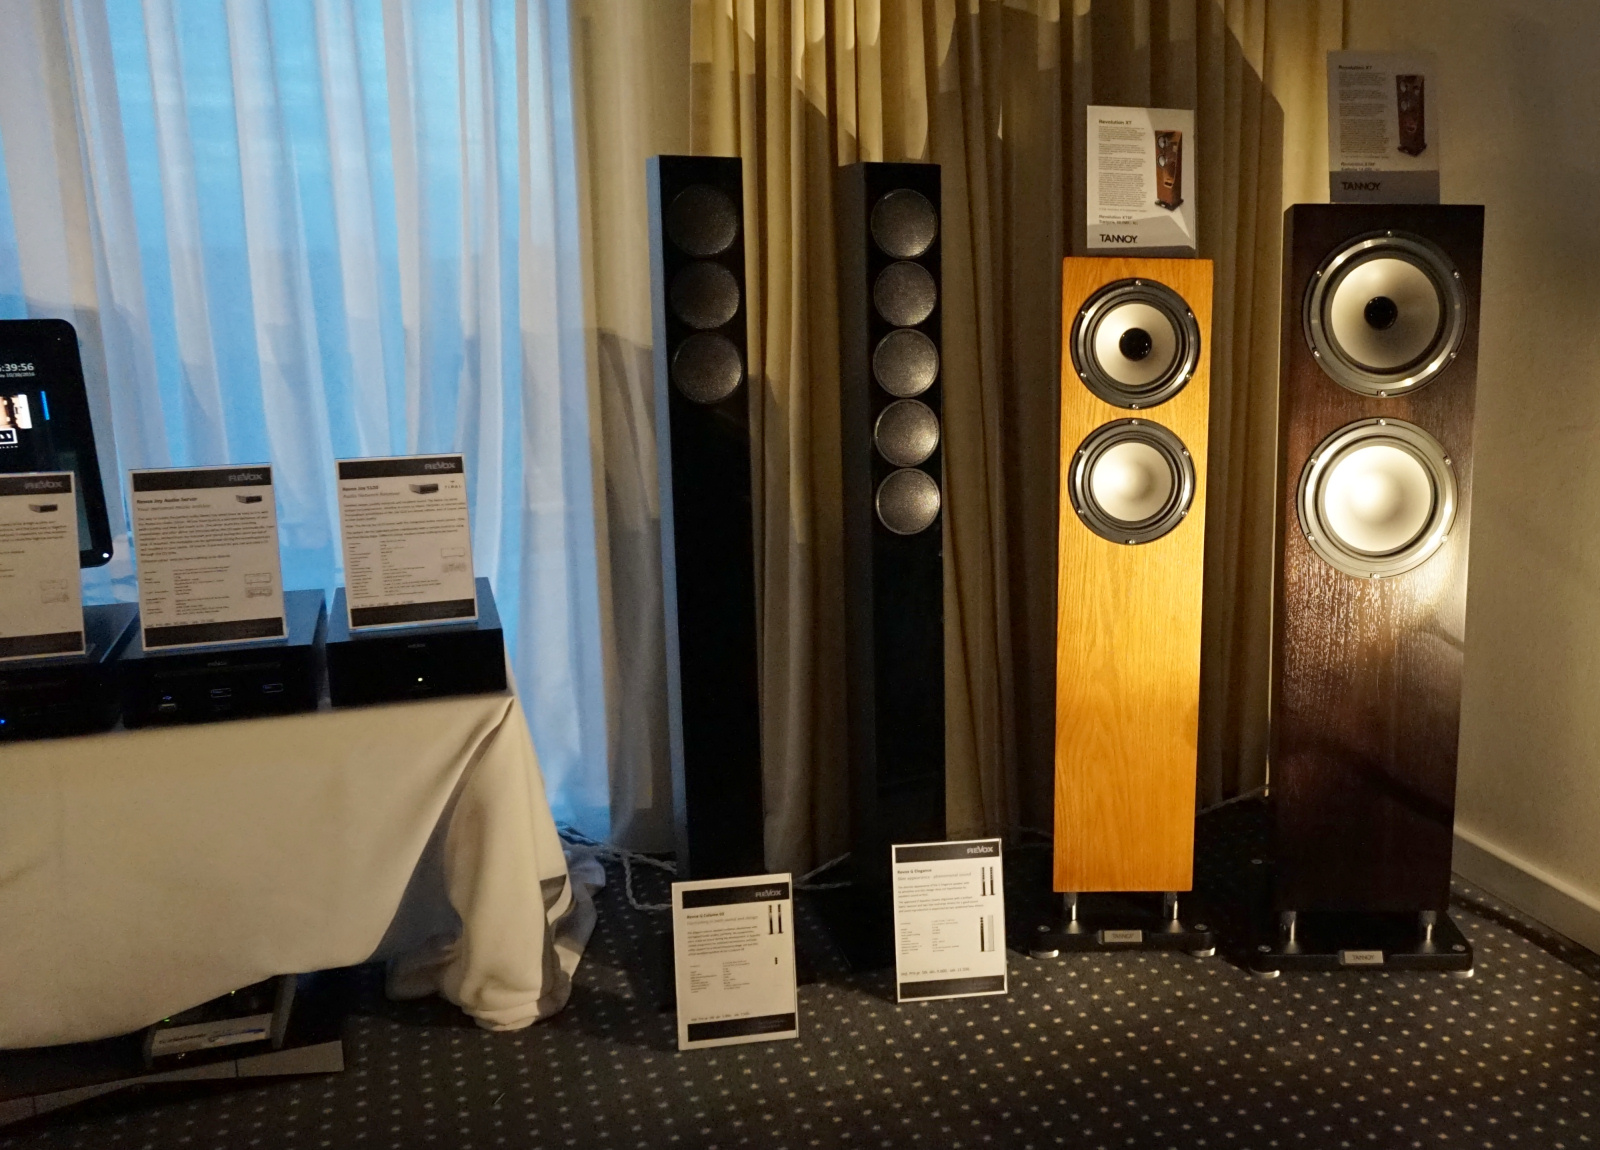 Revox stillede op med ultraslanke højttalere og streamingelektronik. Men de har ikke glemt deres rødder. En båndoptager er på vej! Foto: John Alex Hvidlykke, Lyd & Billede